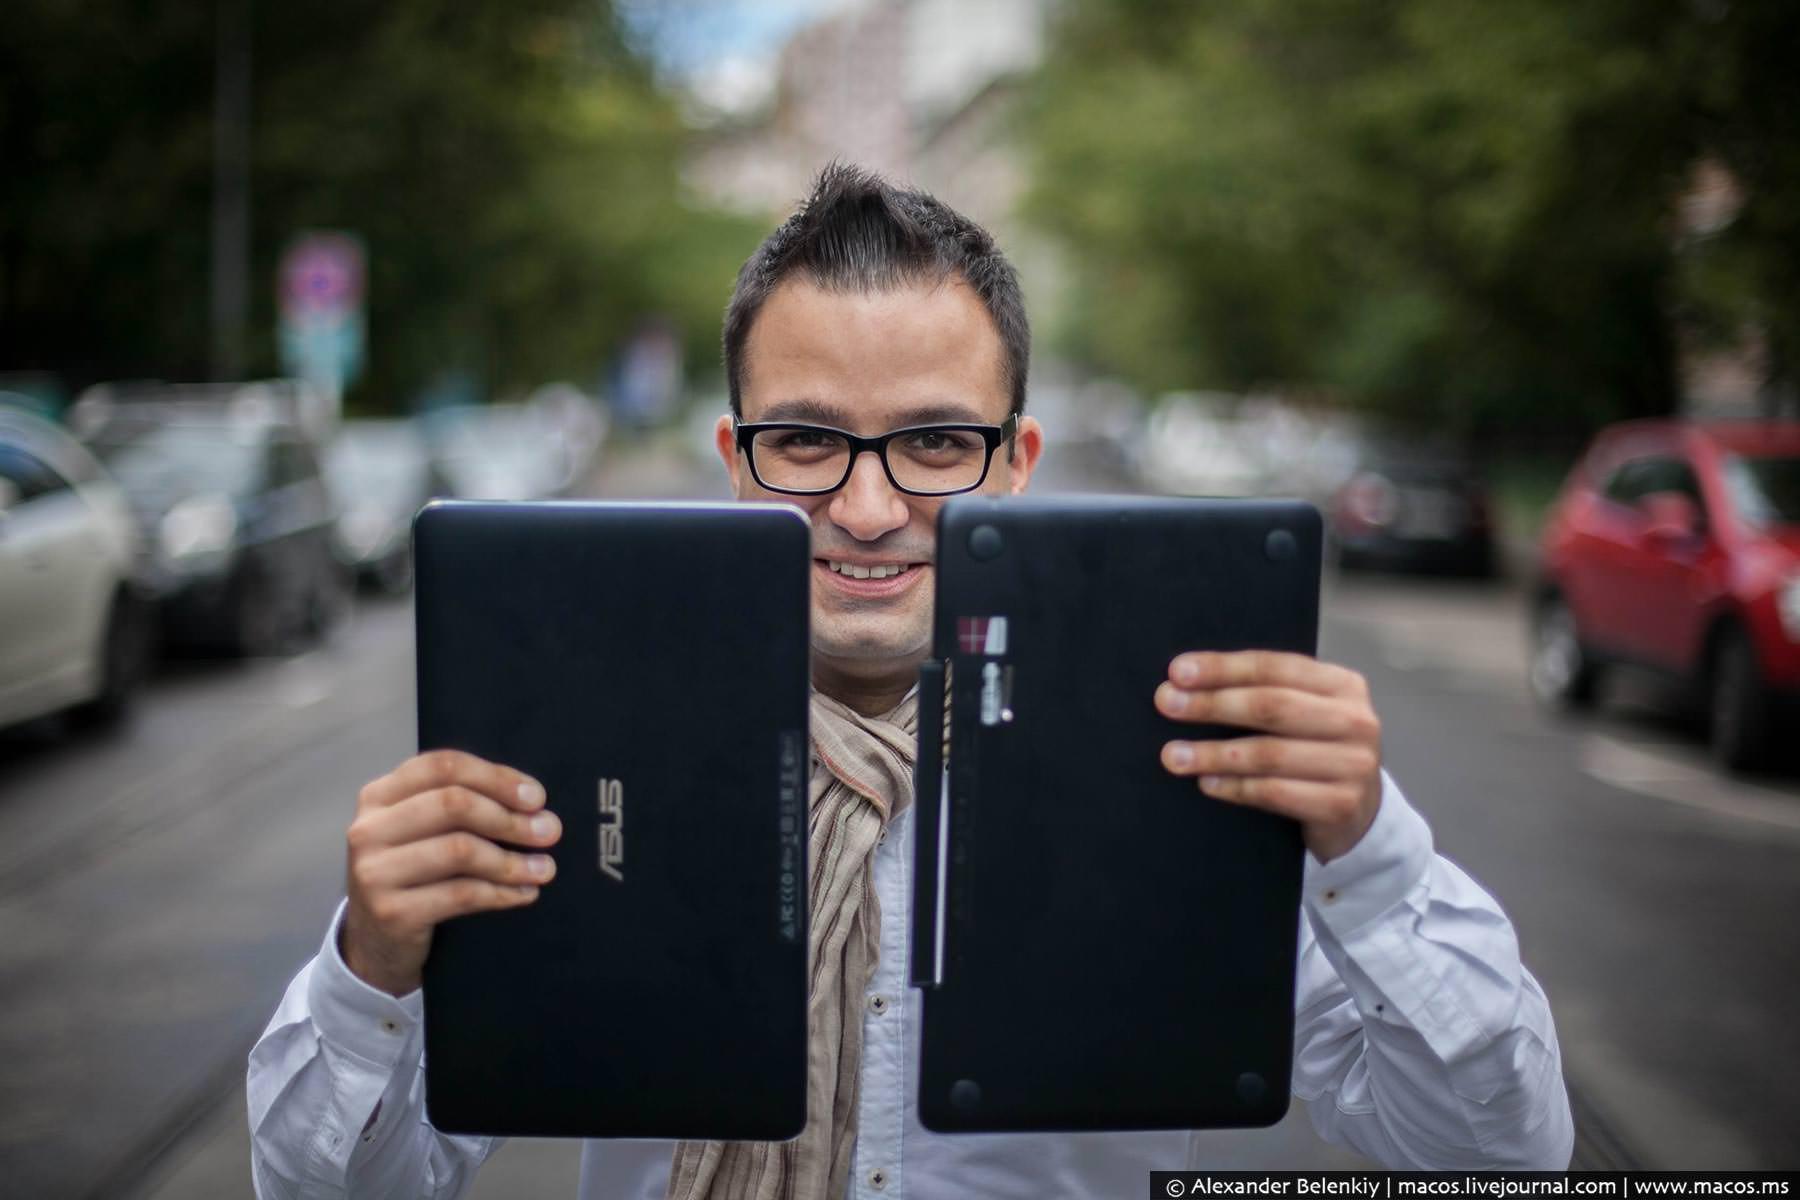 Египет порнография на ноутбуке